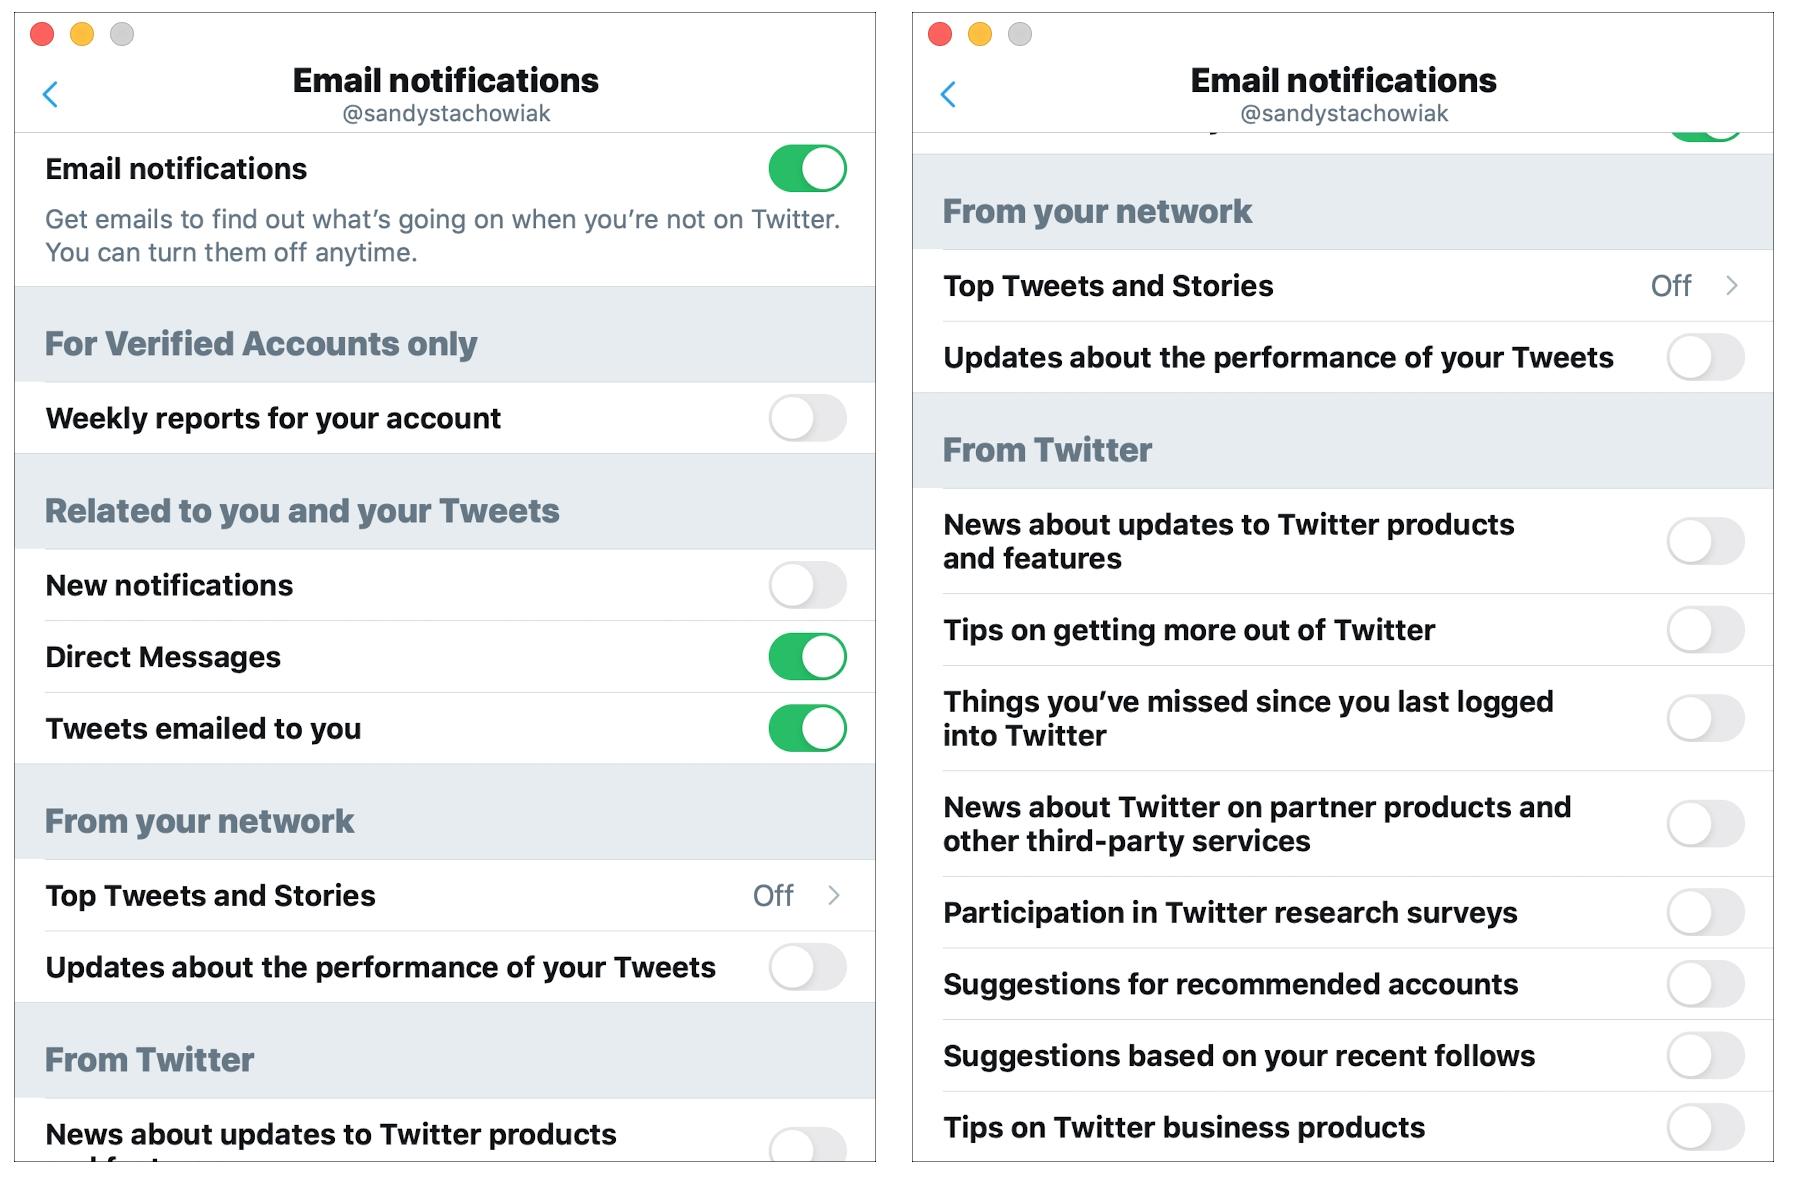 Notificaciones por correo electrónico de Twitter Mac